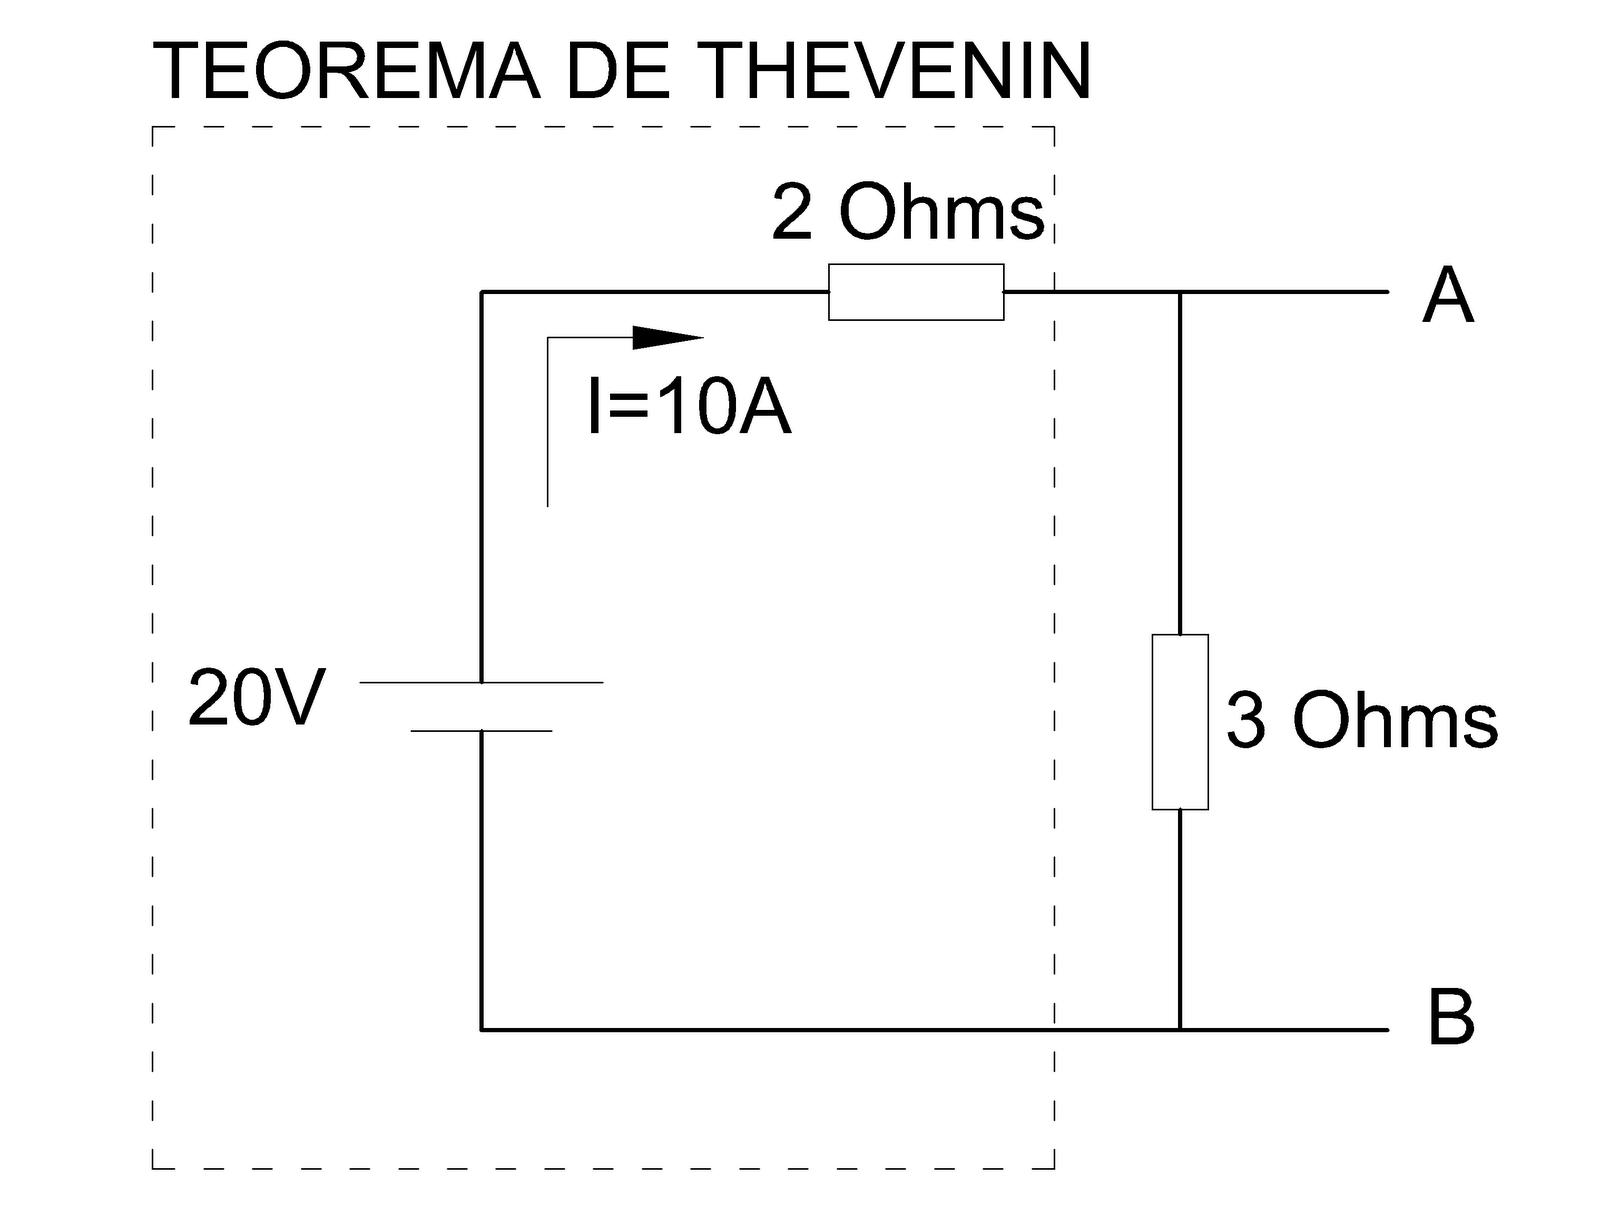 Circuito Equivalente Norton And Thevenin Equivalent Circuits Thvenins Eletro Eureka Circuitos Eltricos Dc